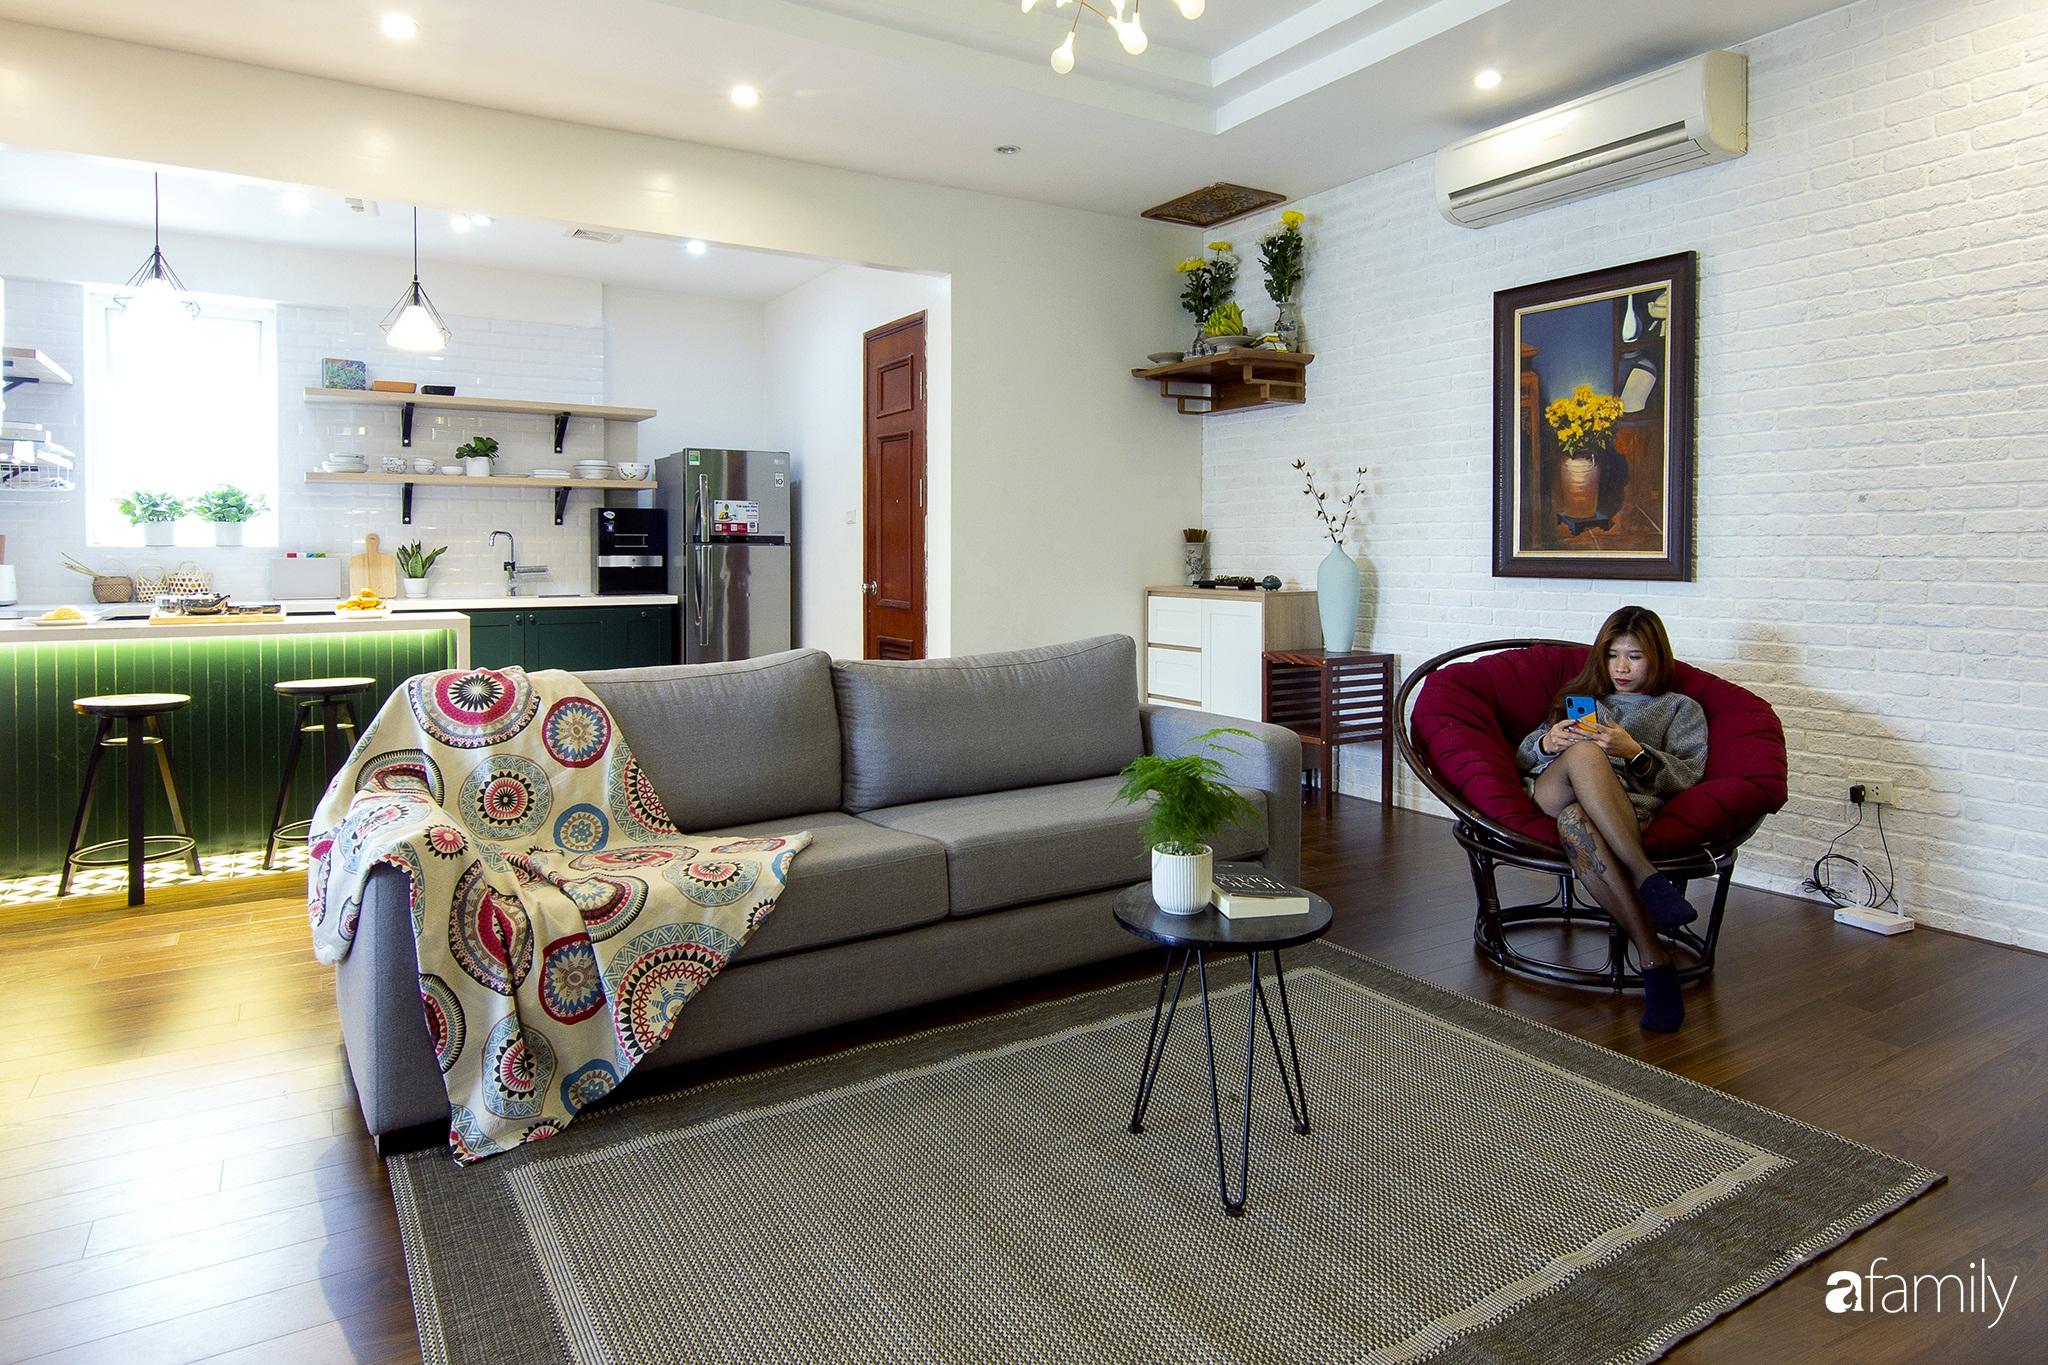 Căn hộ 150m² tối ưu không gian nhờ decor màu trung tính và phong cách hiện đại ở Cầu Giấy, Hà Nội - Ảnh 2.